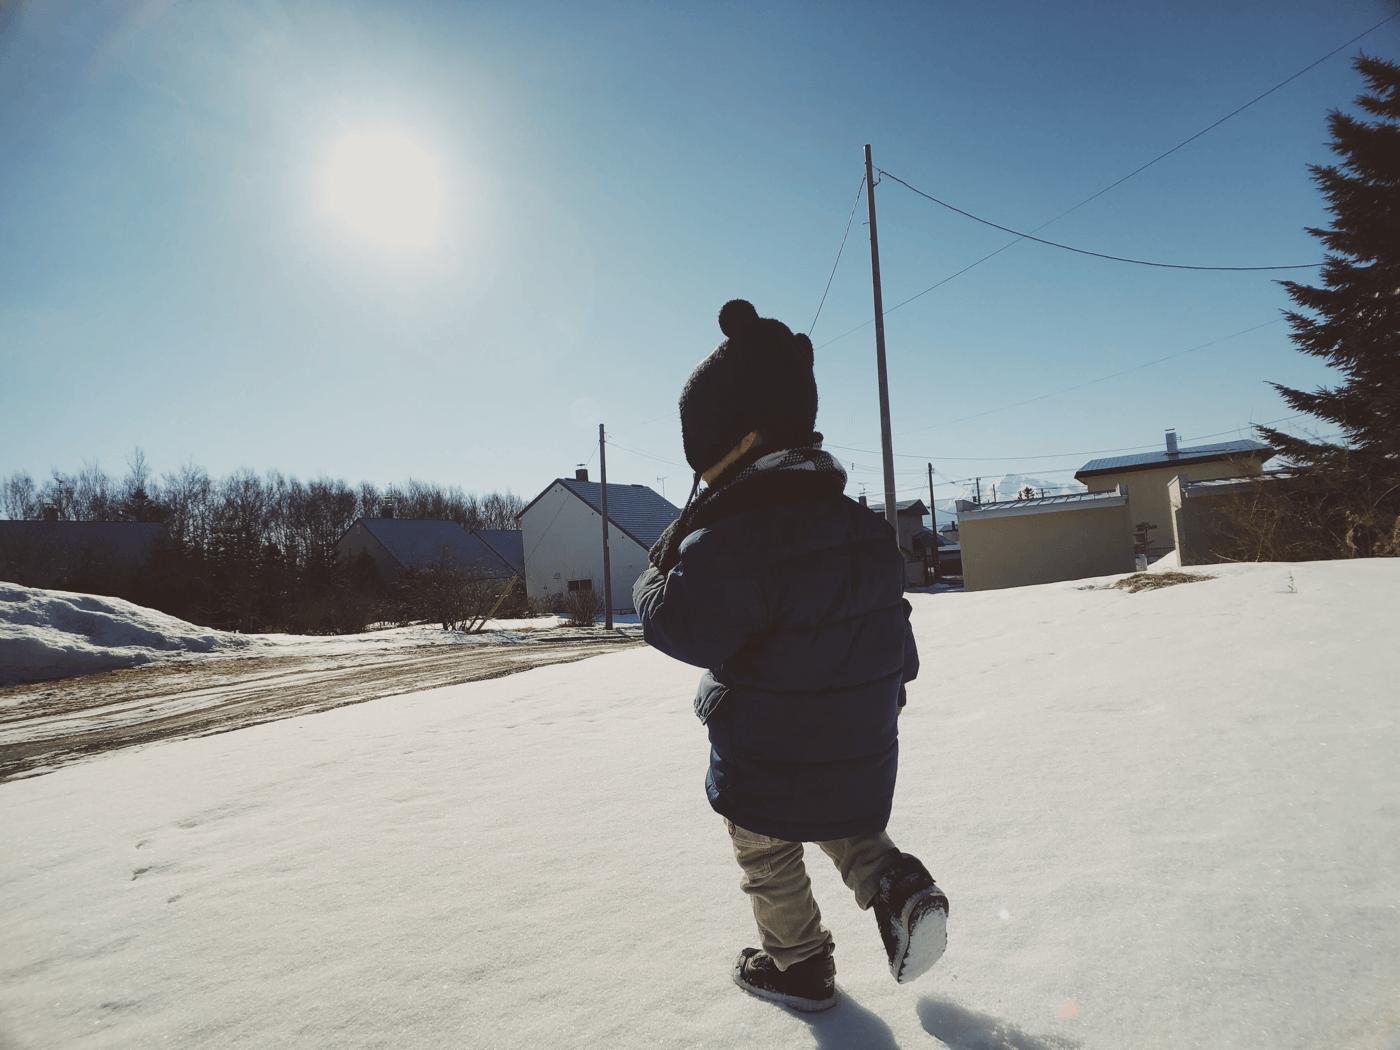 超広角レンズで撮る北海道 #Shotoniphone